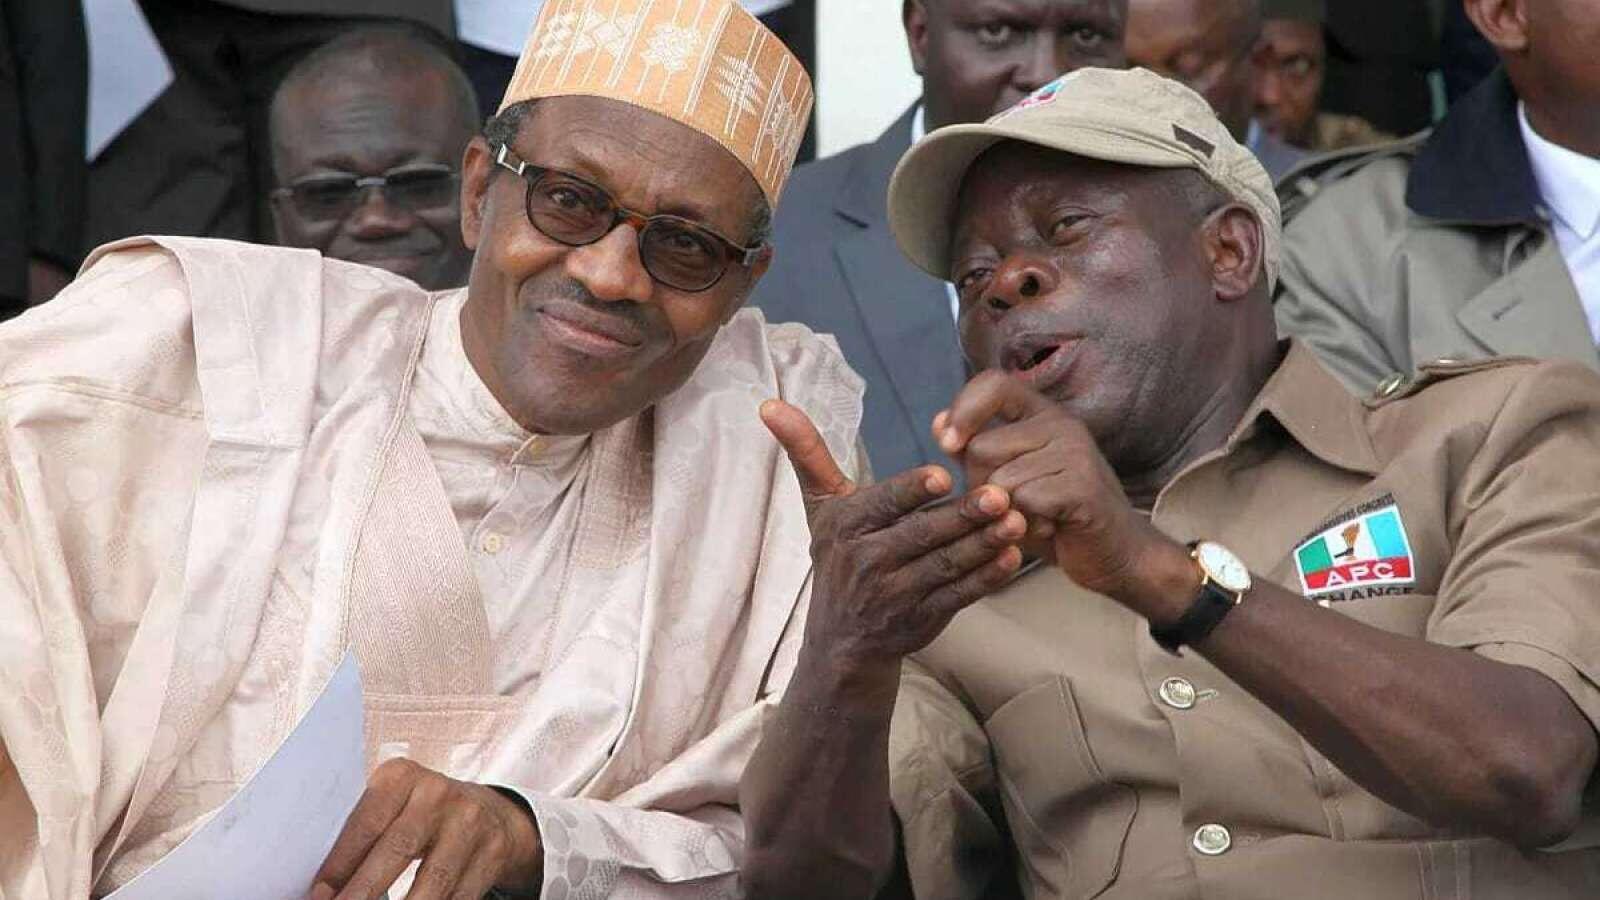 Shugaba  Muhammadu Buhari tare da shugaban jam'iyyar APC Adams Oshiomhole